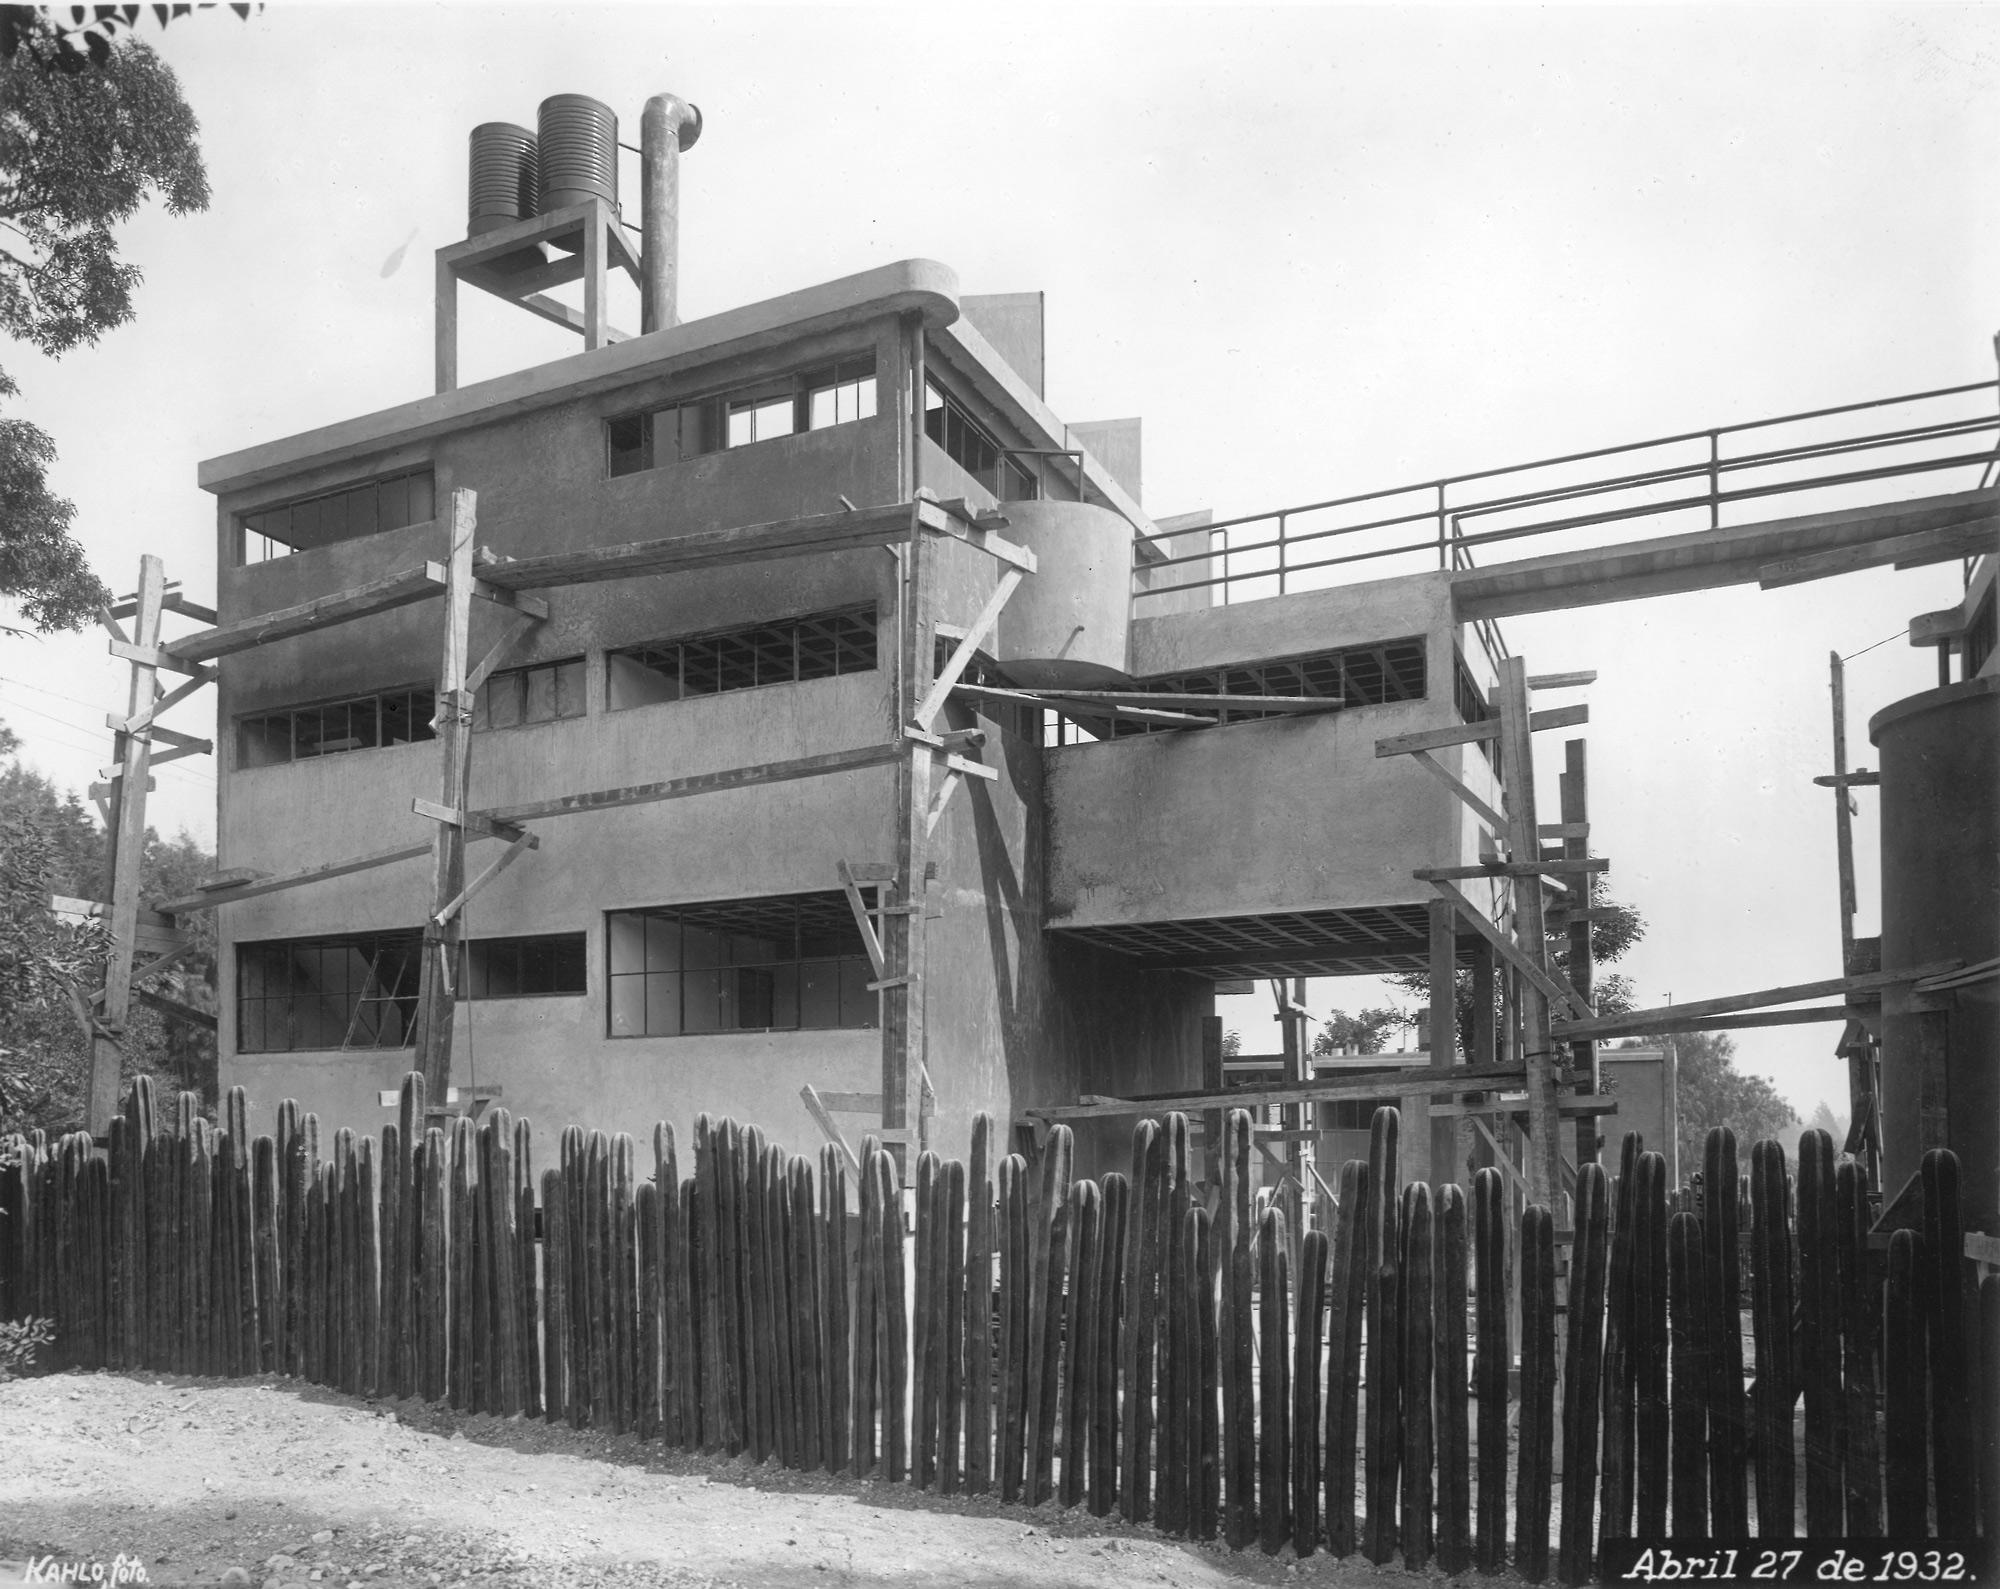 Senza titolo (Casa di Frida Kahlo e Diego Rivera in costruzione) – Pompa di benzina, 1932